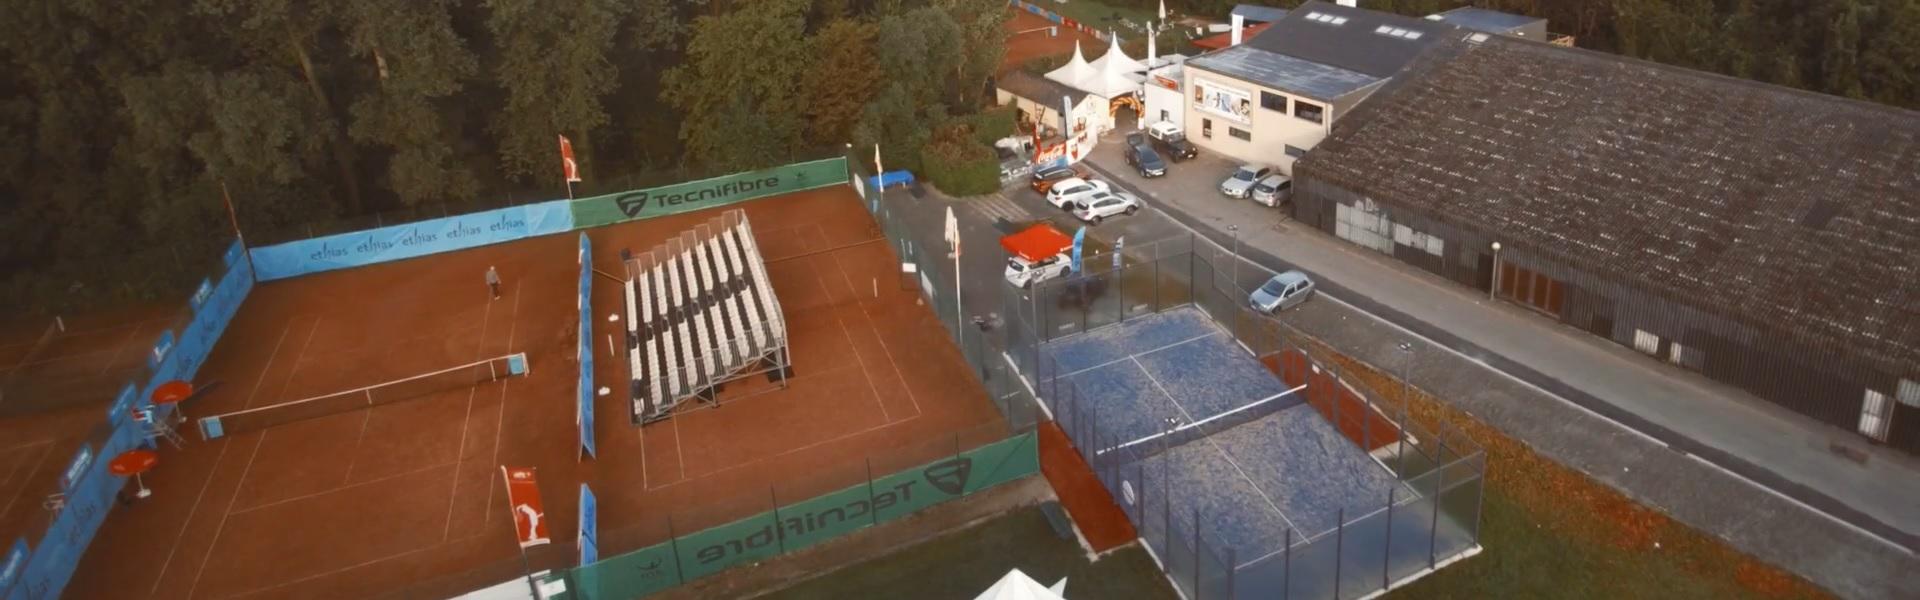 <br><br>Bienvenue au Tennisland